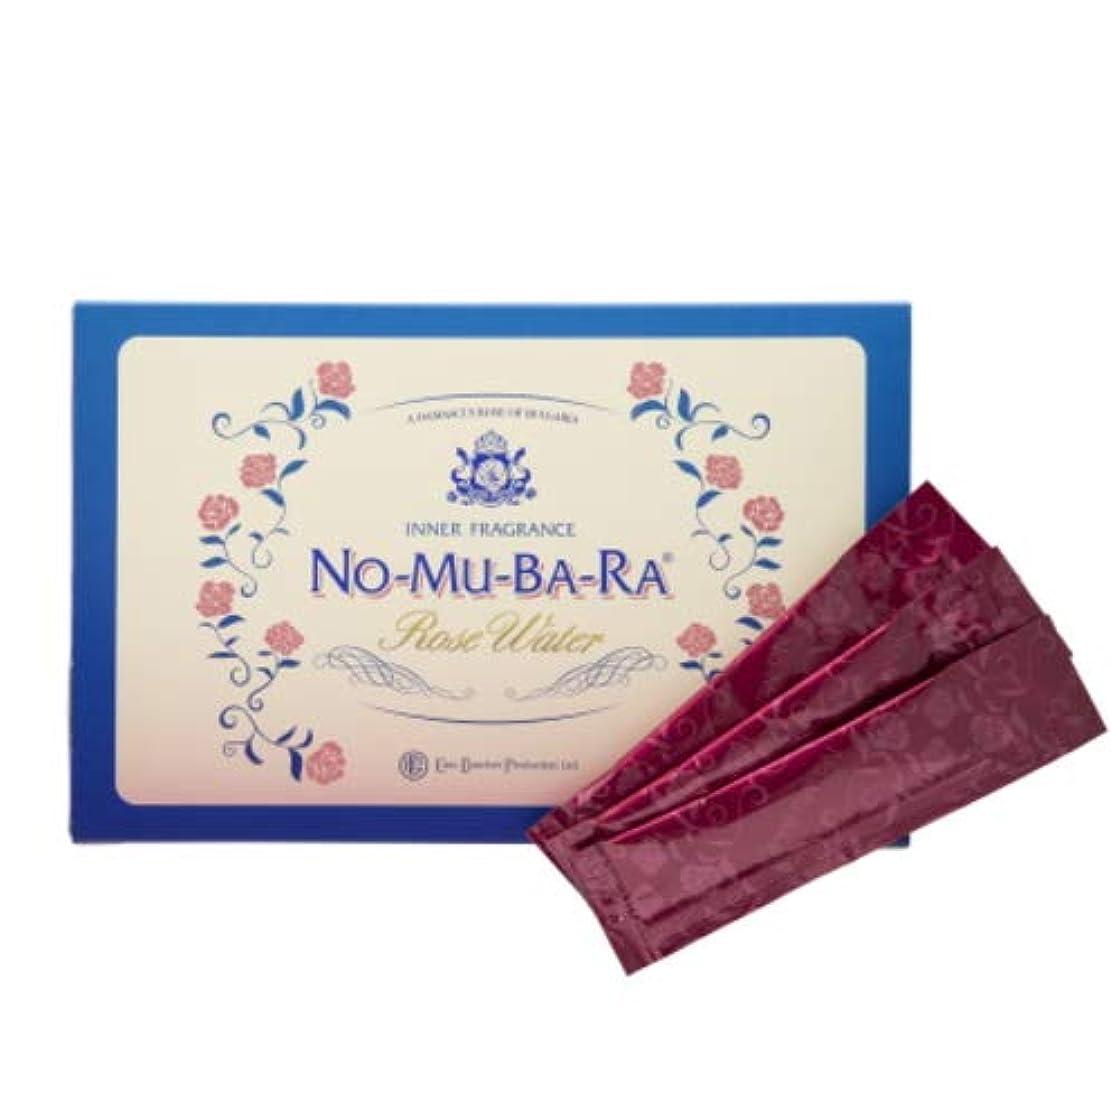 NO-MU-BA-RA NO-MU-BA-RA(ノムバラ)(35包入)【モンドセレクション受賞】